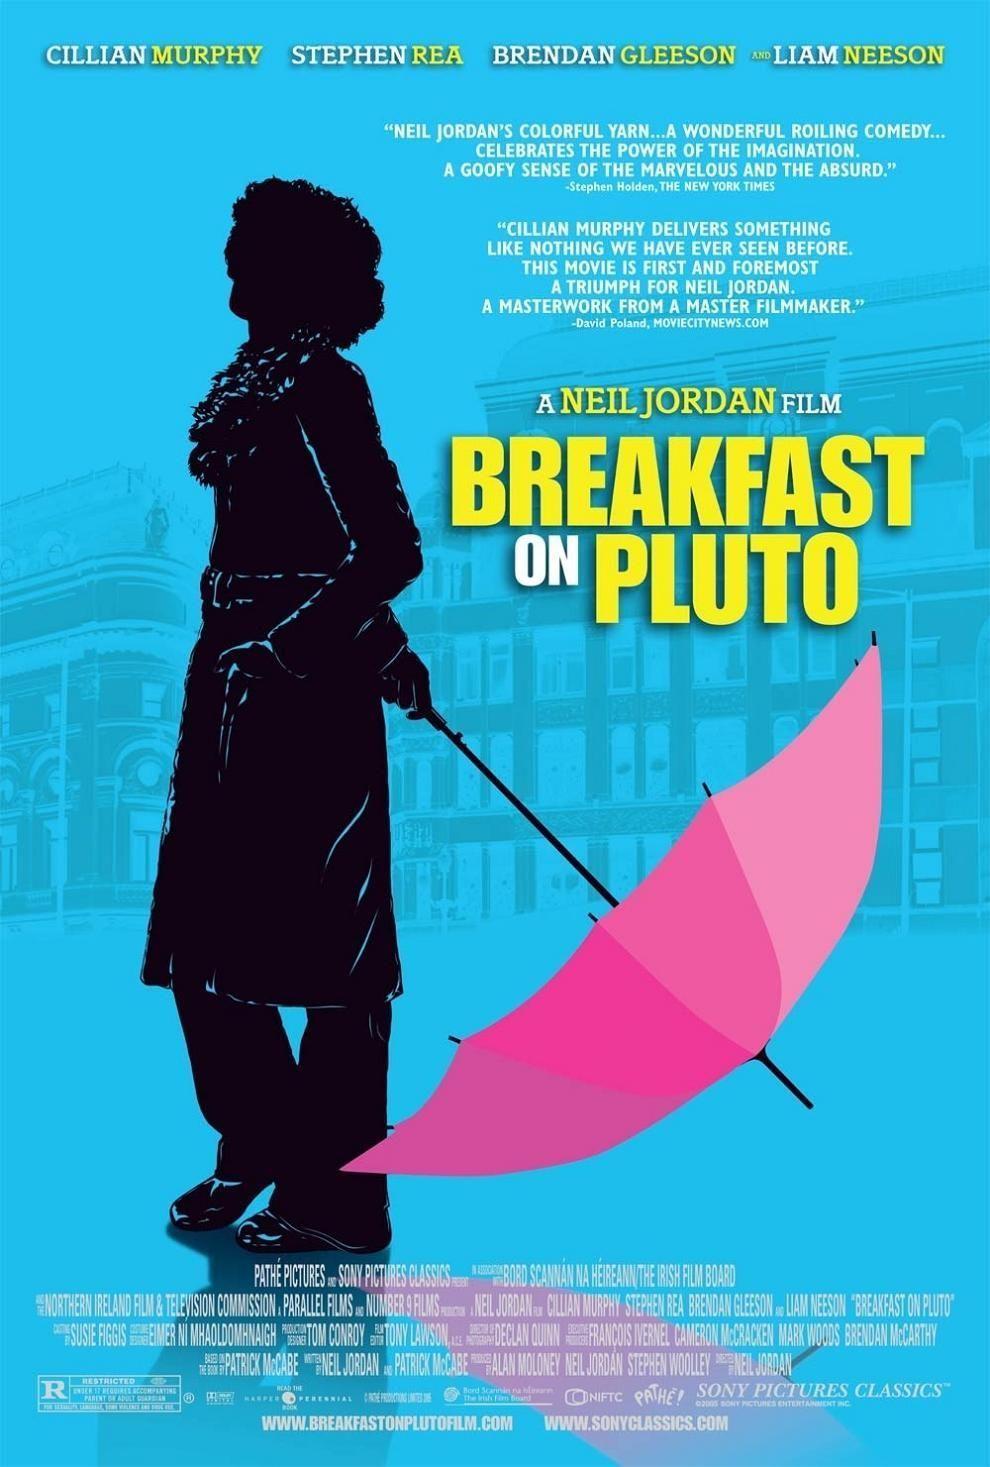 Breakfast on Pluto poster